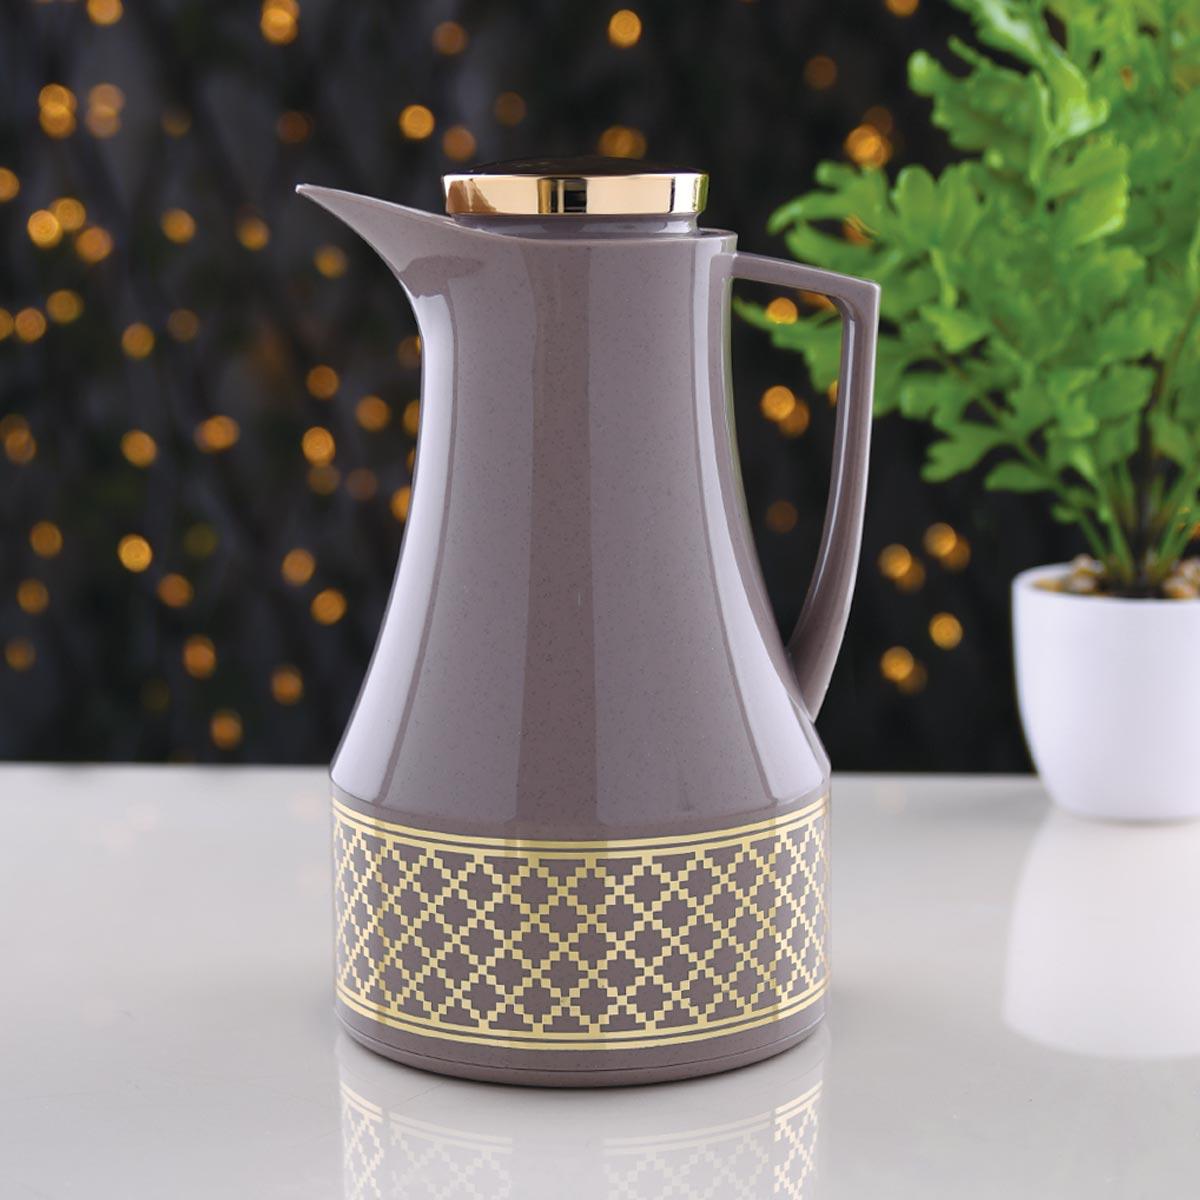 ترمس شاي وقهوة ديفا - DEVA - مقاس 1.0لتر - رقم  K190492/BR